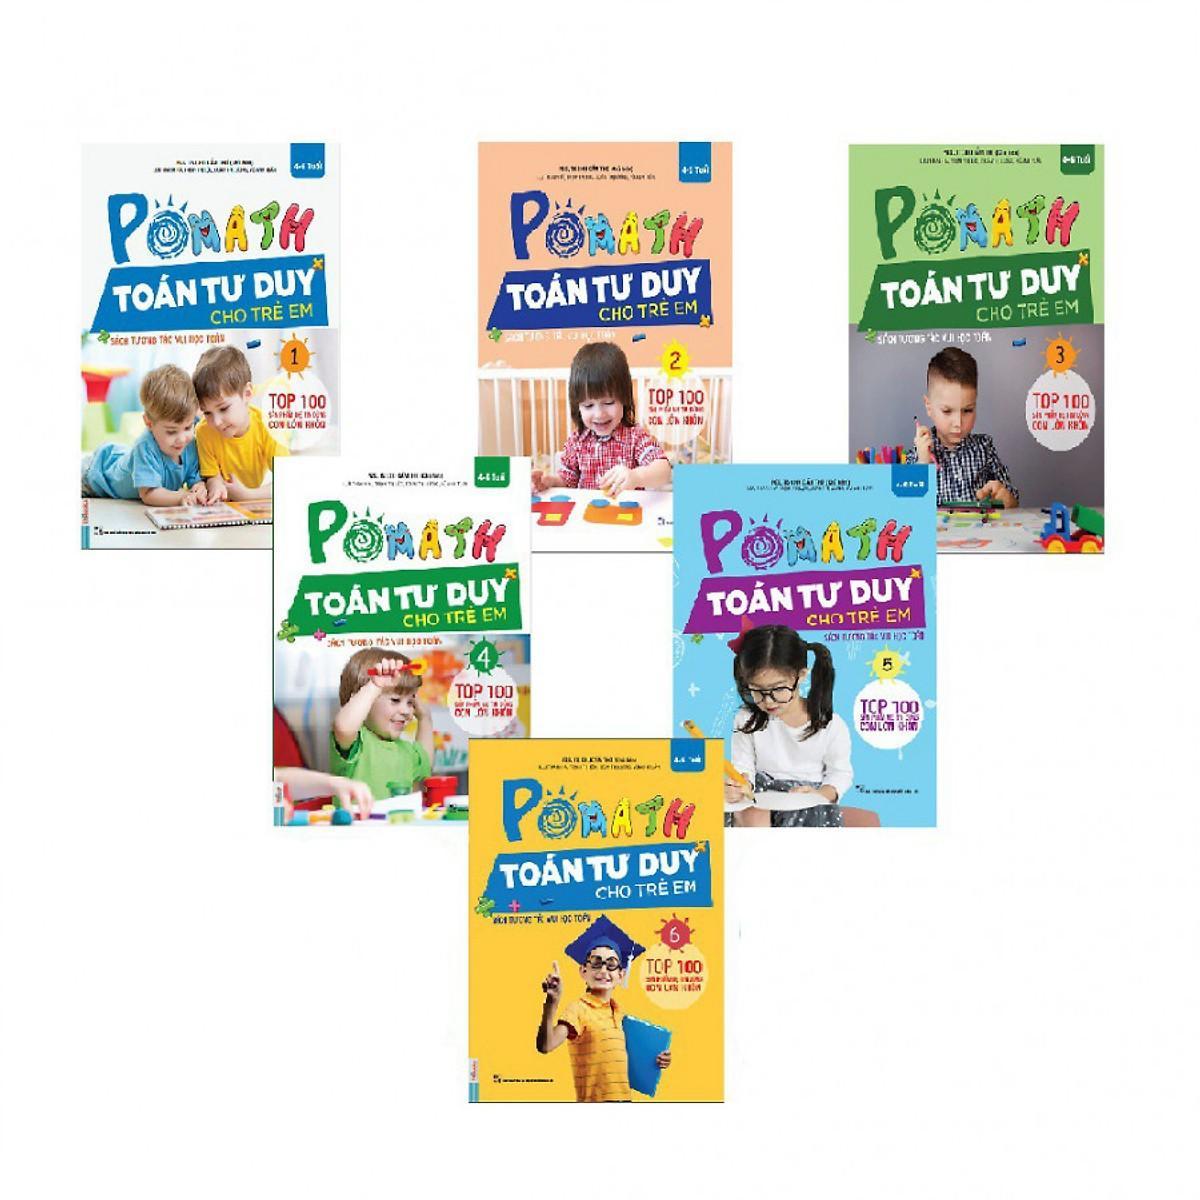 Mua Bộ Sách PoMath - Toán Tư Duy Cho Trẻ Em 4-6 Tuổi (6 cuốn)